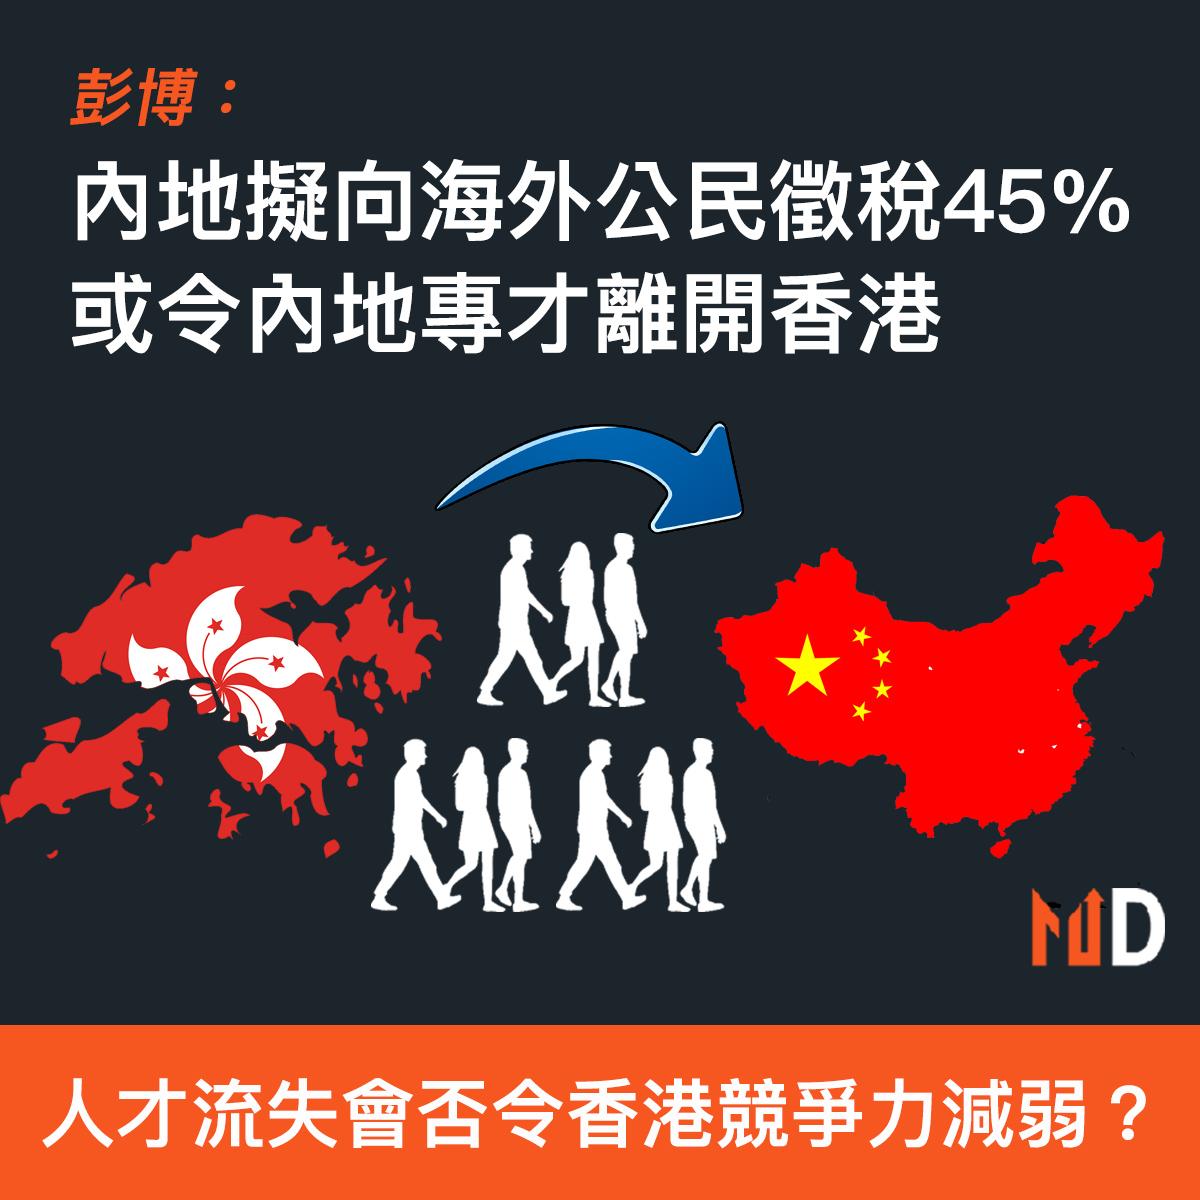 【市場熱話】彭博:內地擬向海外公民徵稅45%,或令內地專才離開香港